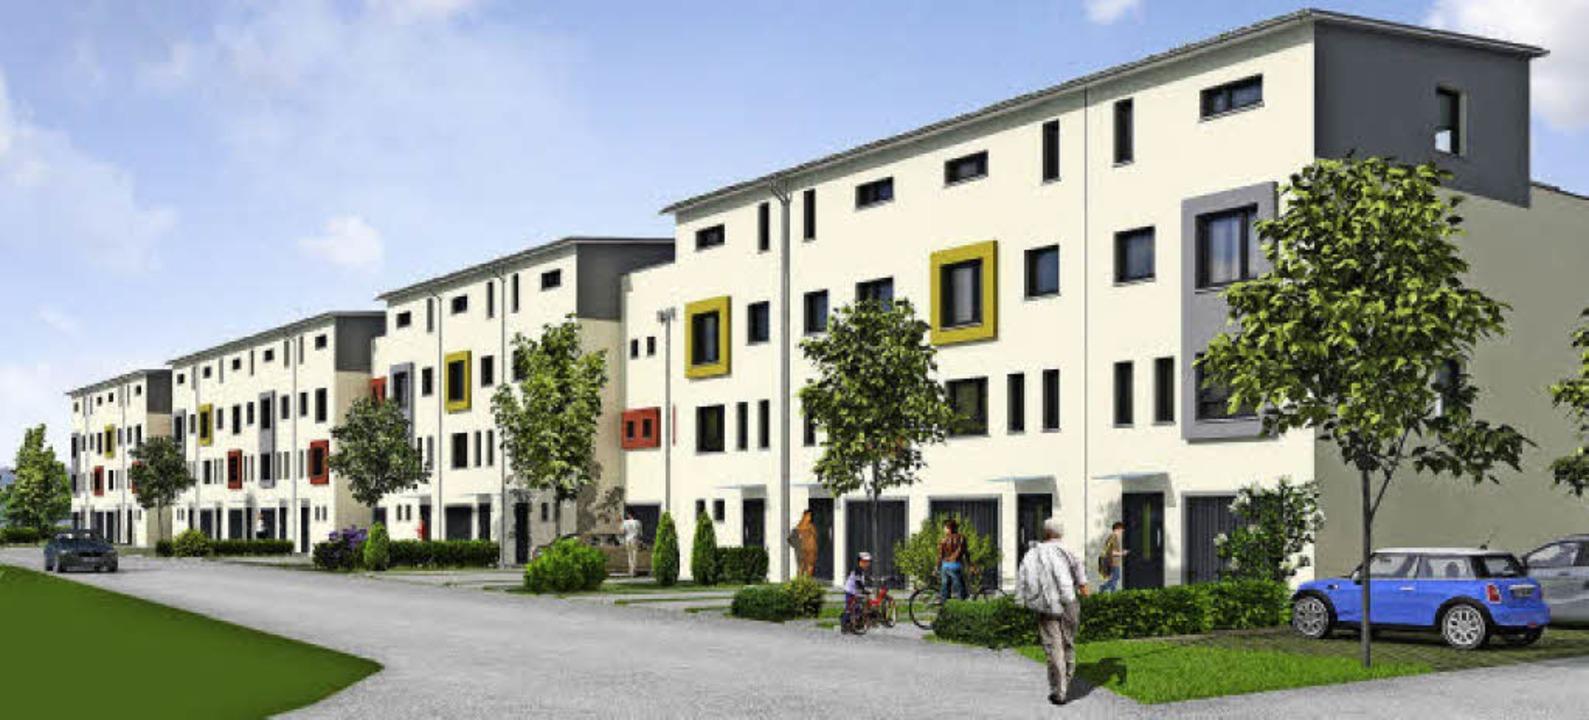 Vorschlag Wohnbebauung Weiermatten Schallstadt  | Foto: Firma Weisenburger